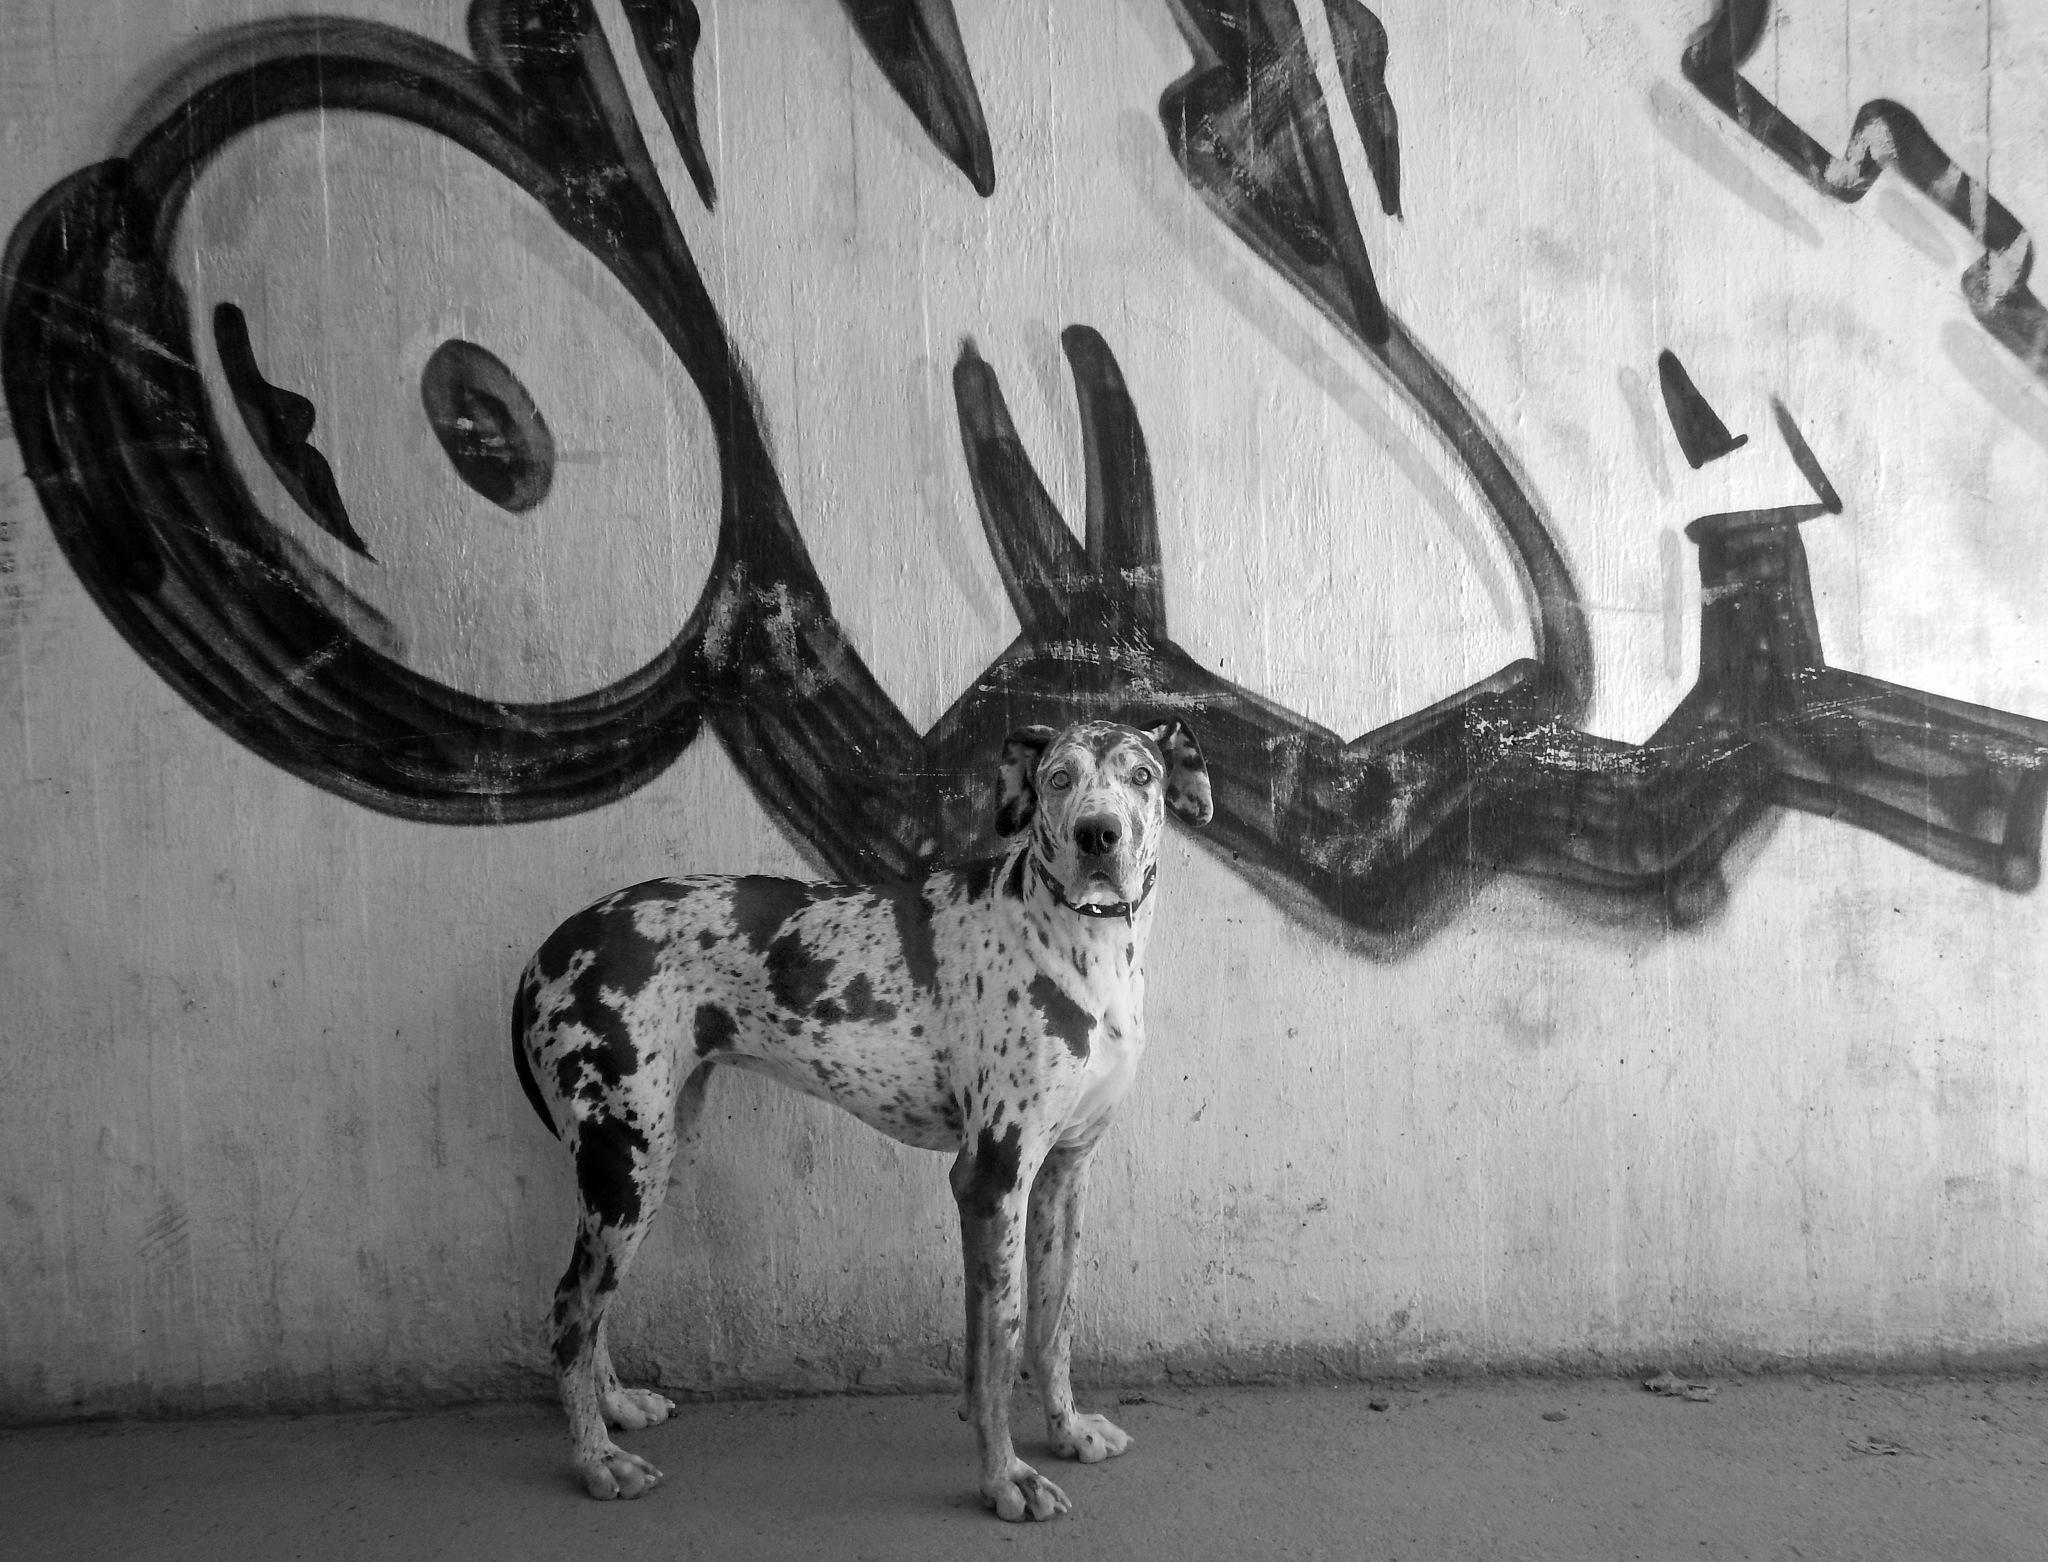 Vilda The Super urban dog by Pet Shop Boys :-) by Vilda